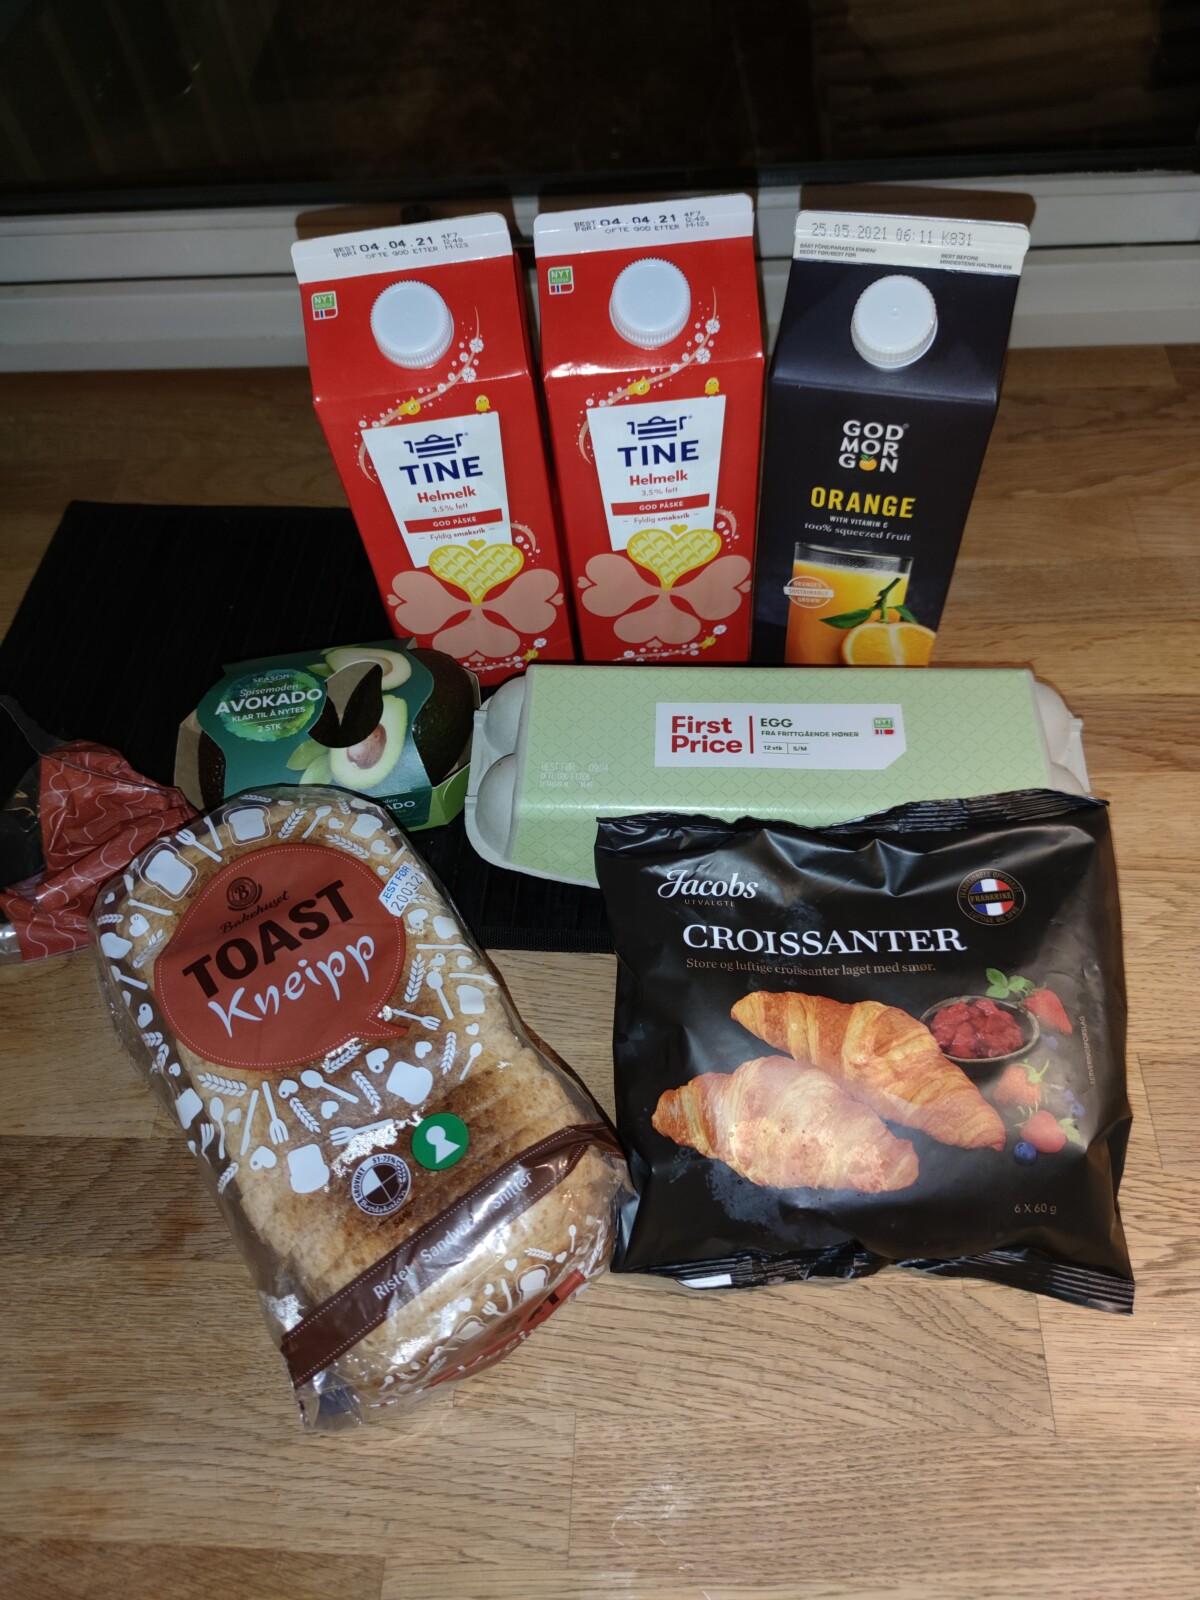 mathandel-mattinnkjøp-innkjøp-mat-middag-dessert-is-blogg-blogger-toppblogger-topplisten-topplista-handel-shopping-isalicious1-isalicious-isalicious.blogg.no-kiwi-påfyllavmat-helgehandel-freia